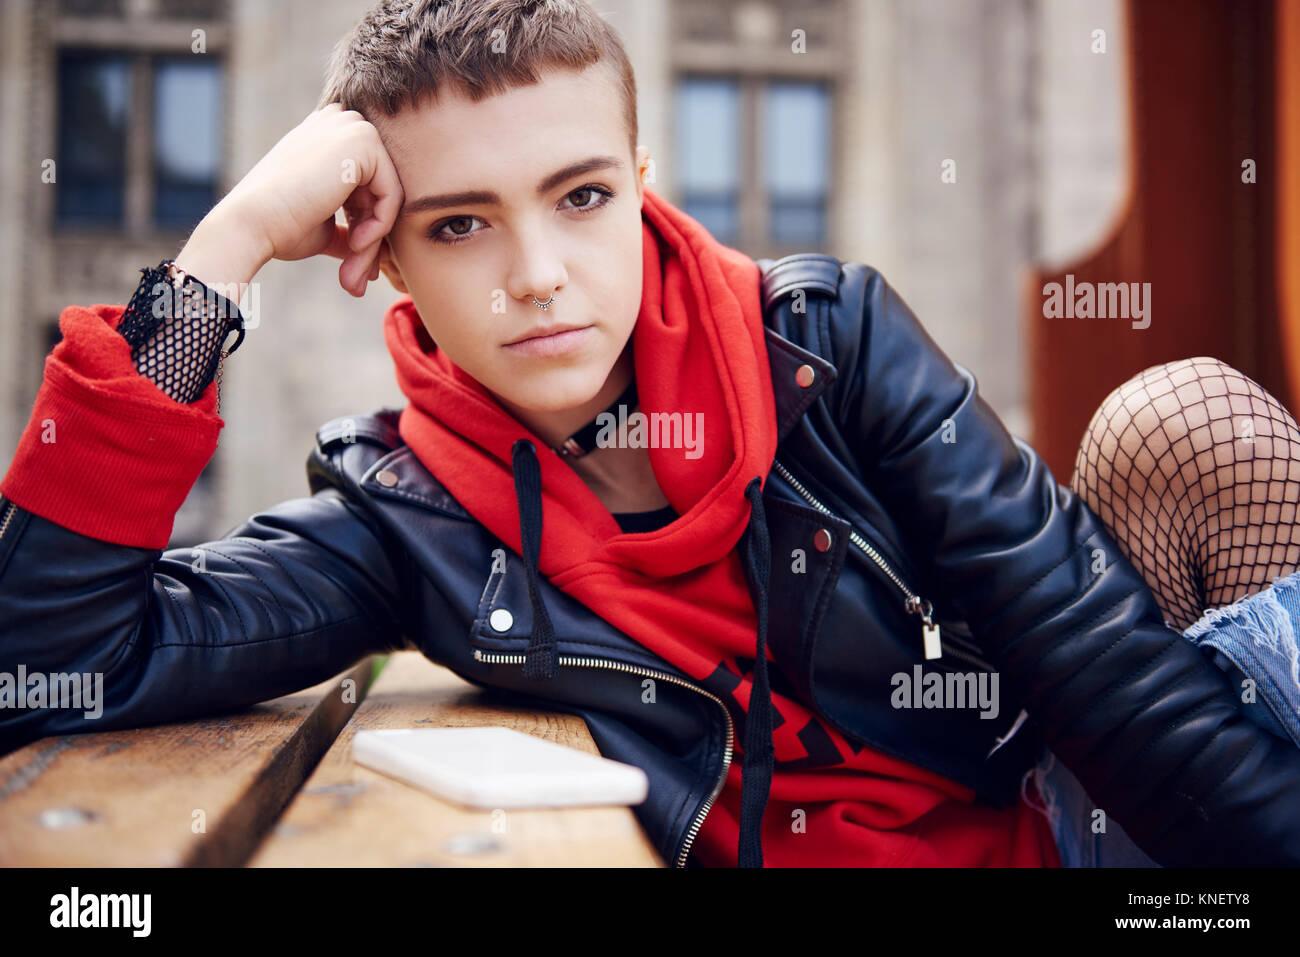 Cool retrato de mujer joven con el pelo corto en el banco ciudad Imagen De Stock